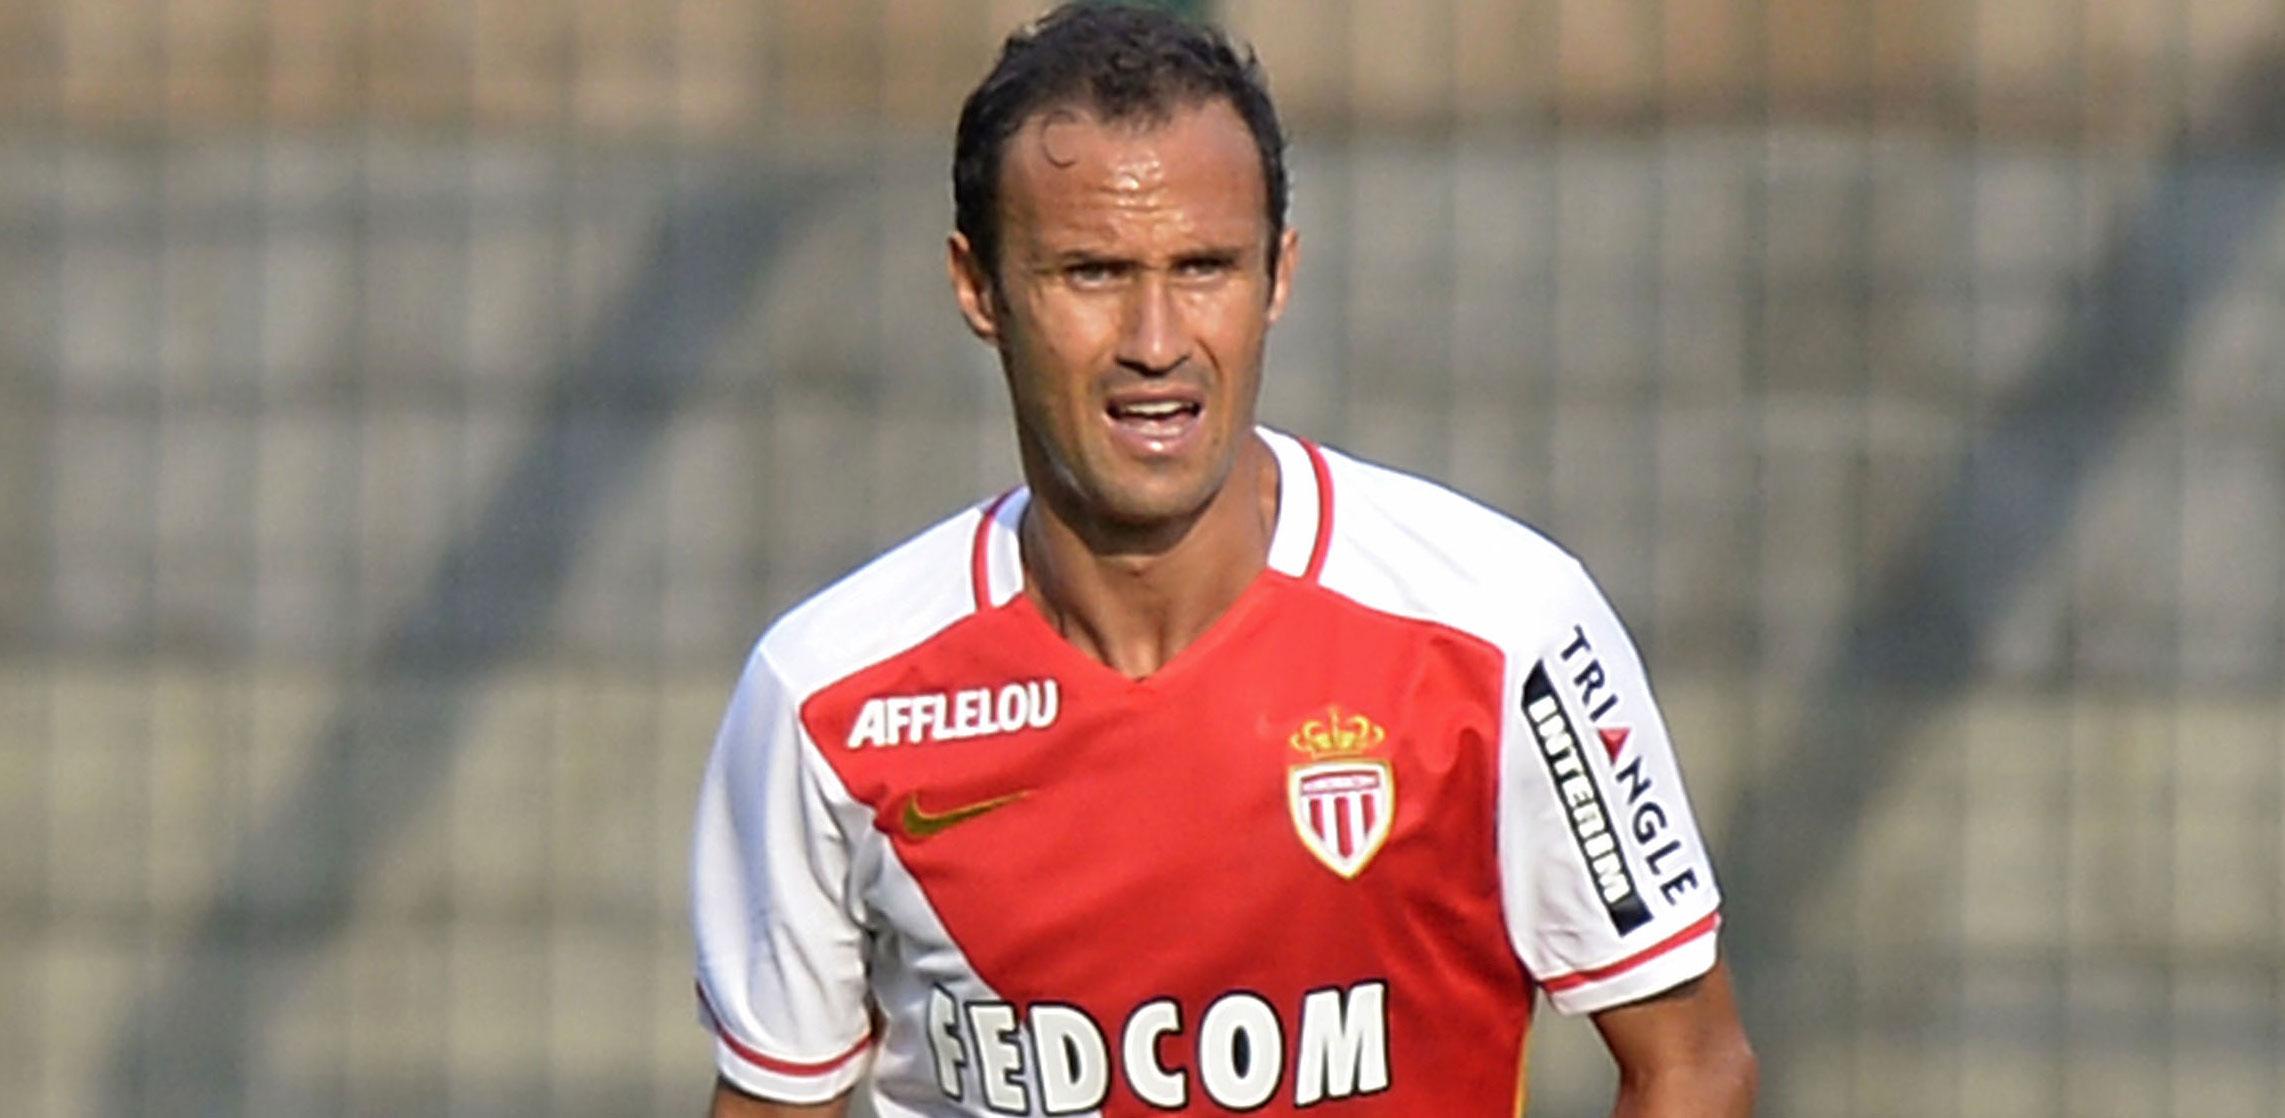 Ricardo Carvalho 2016